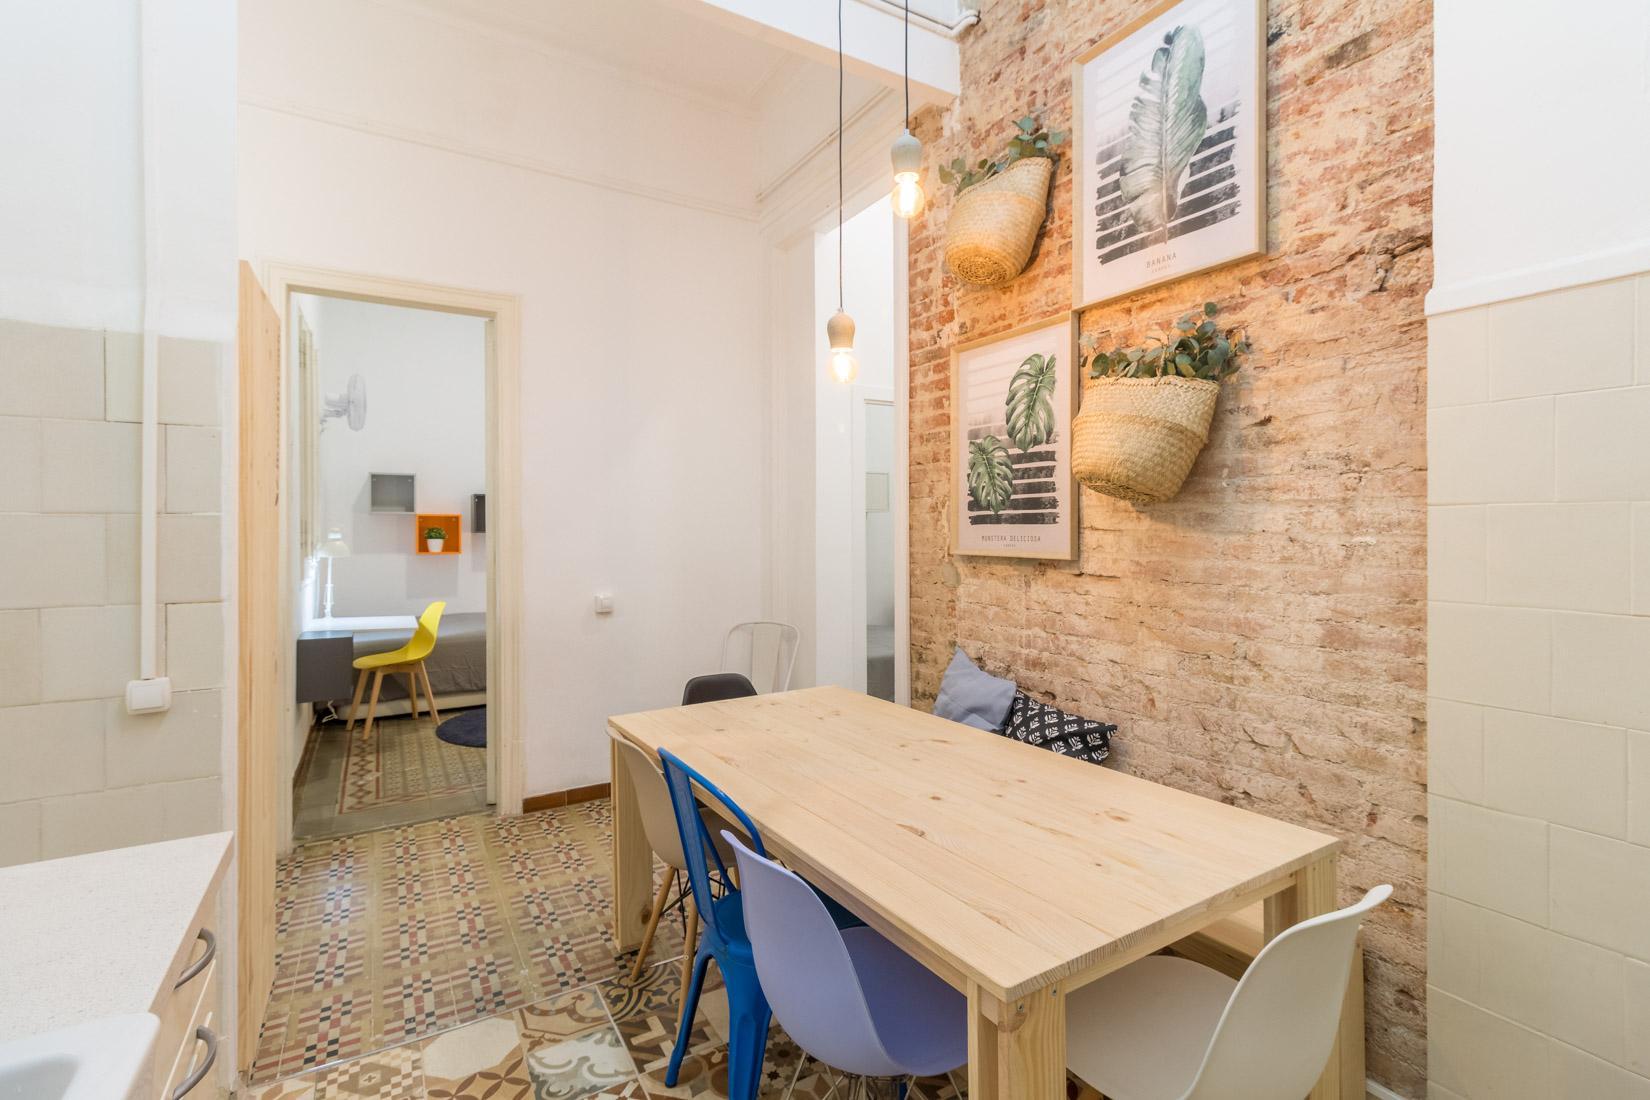 Gracia - Piso compartido en Barcelona centro